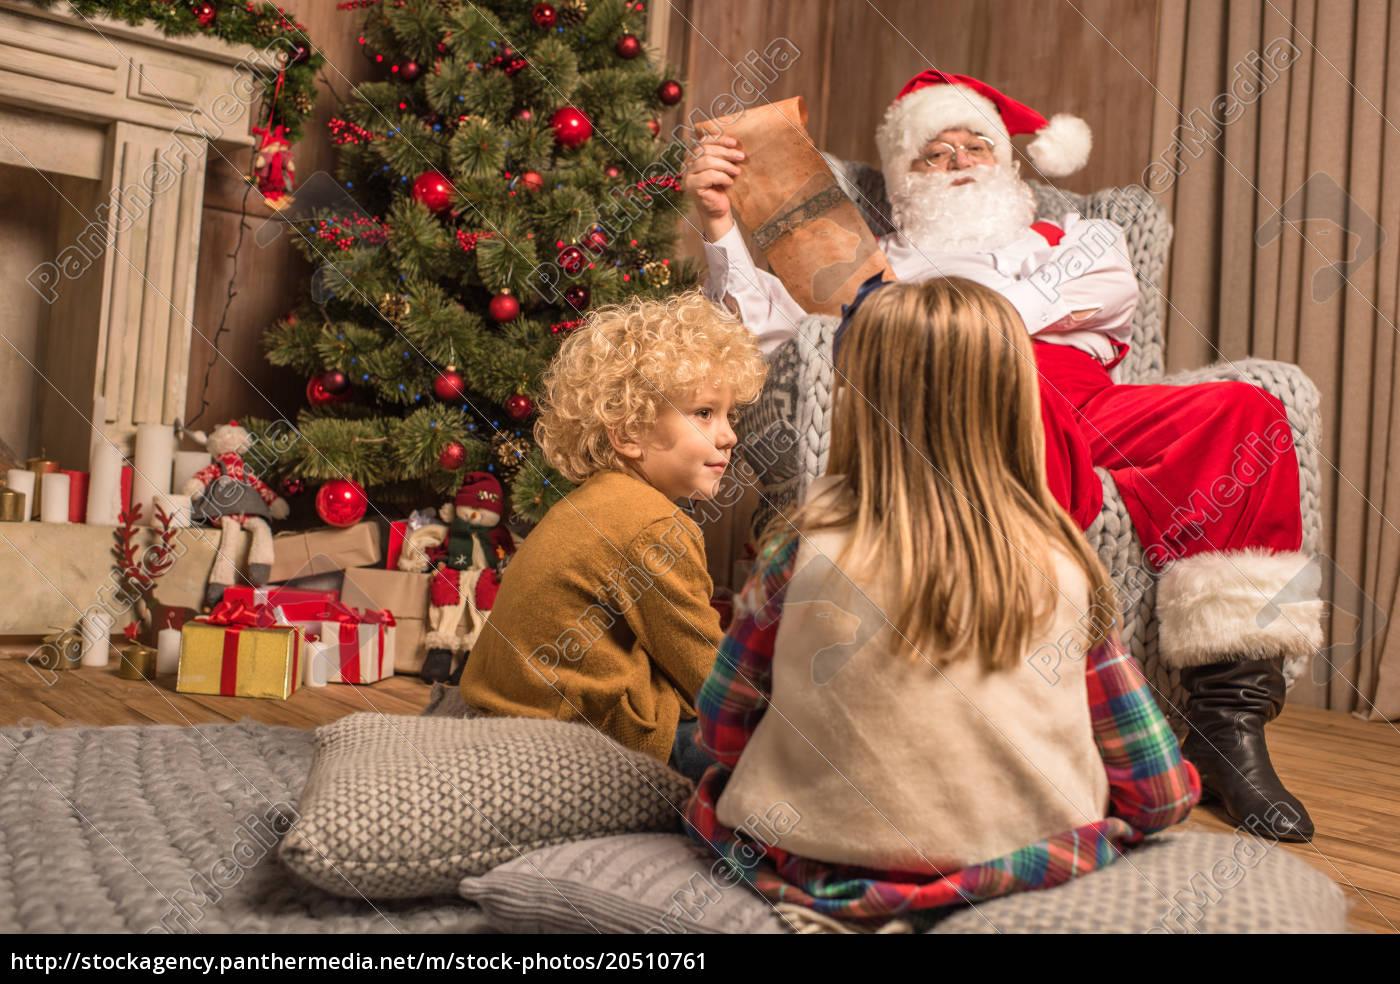 santa, claus, with, children, reading, wishlist - 20510761